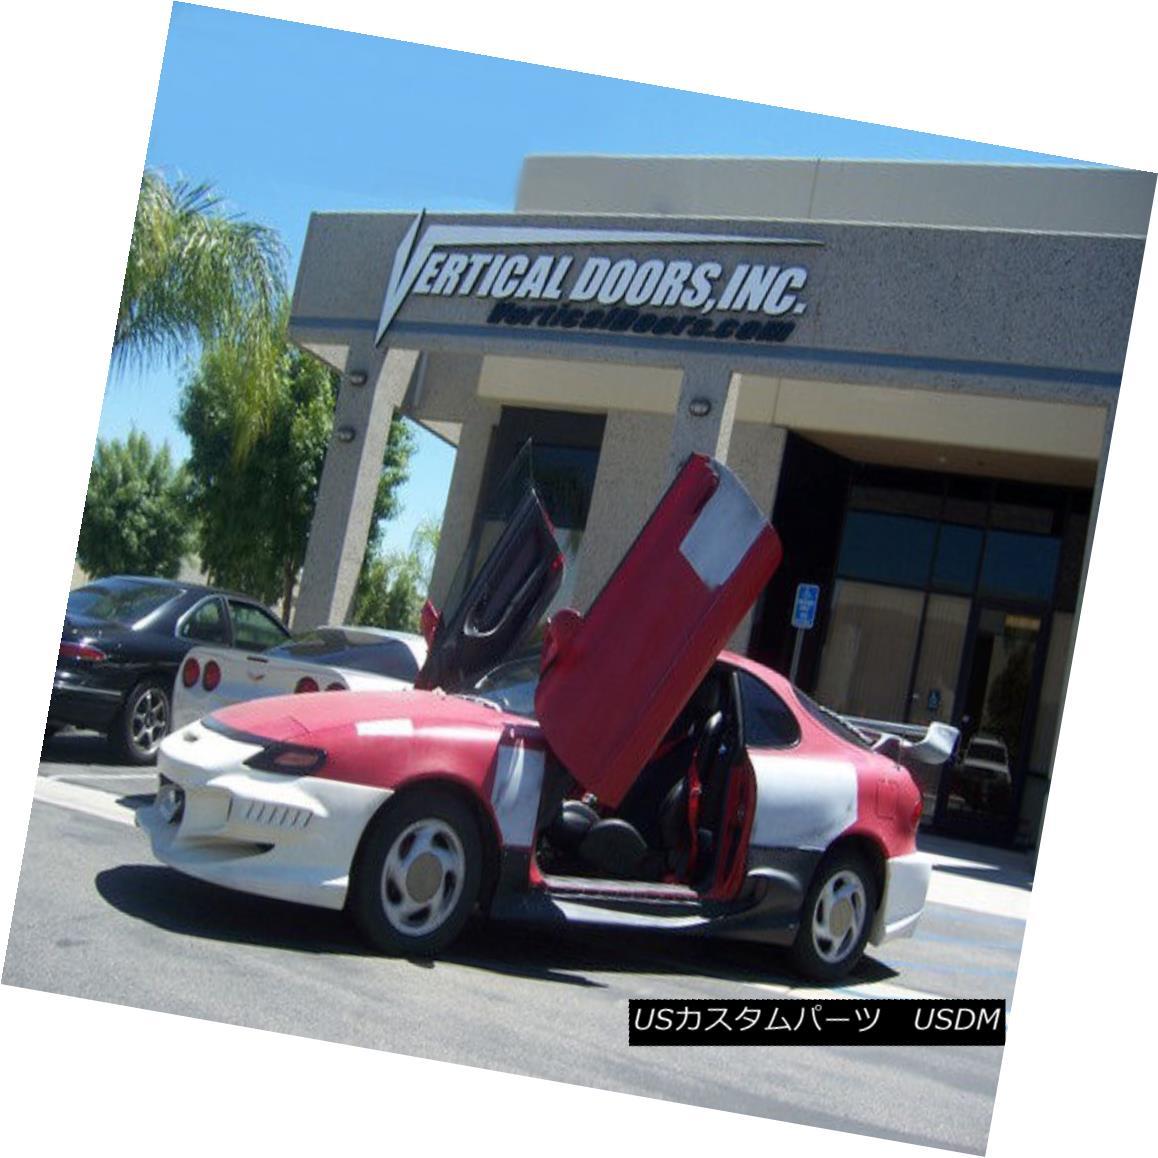 ガルウィングキット Direct Bolt On Vertical Lambo Doors Hinges Kit With Warranty VDCTOYCEL8993 VDCTOYCEL8993の垂直ランボルギーニドアヒンジキットの直接ボルト